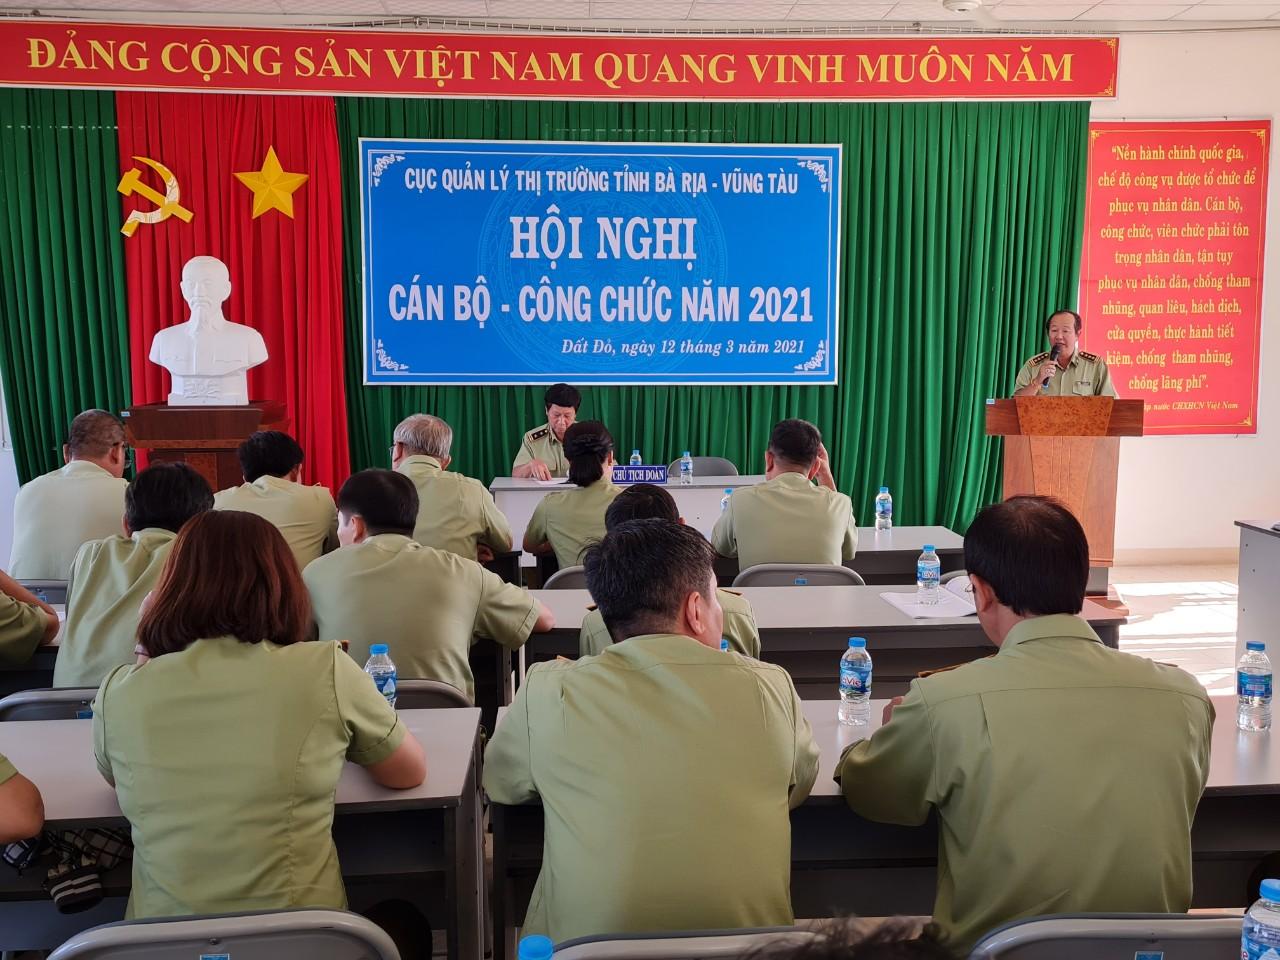 Cục QLTT Bà Rịa - Vũng Tàu tổ chức Hội nghị Cán bộ, công chức và người lao động năm 2021